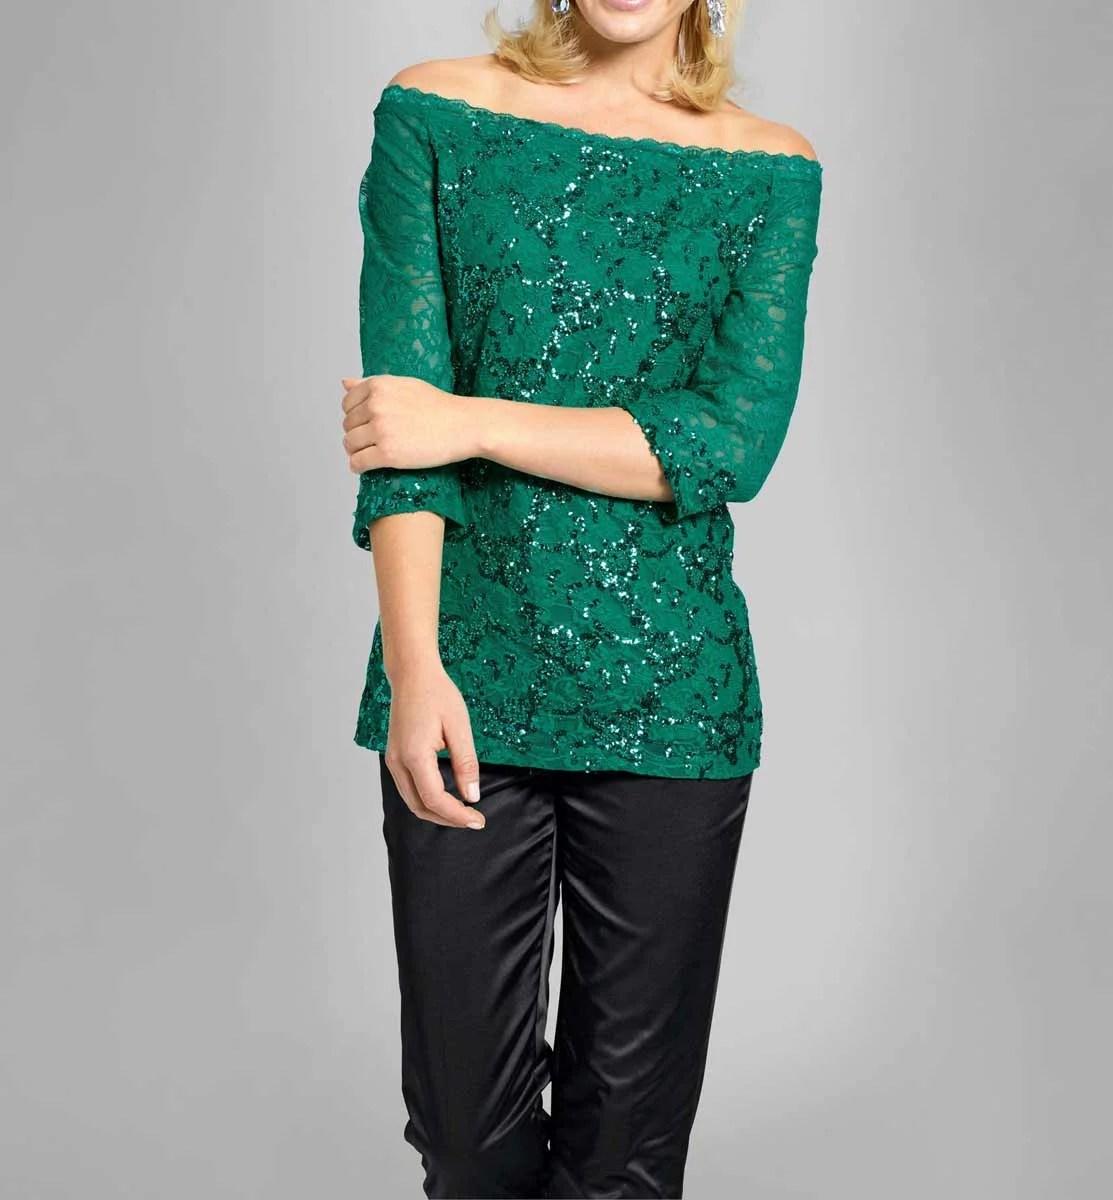 008.559 ASHLEY BROOKE Damen Designer-Spitzenshirt m. Pailletten Grün